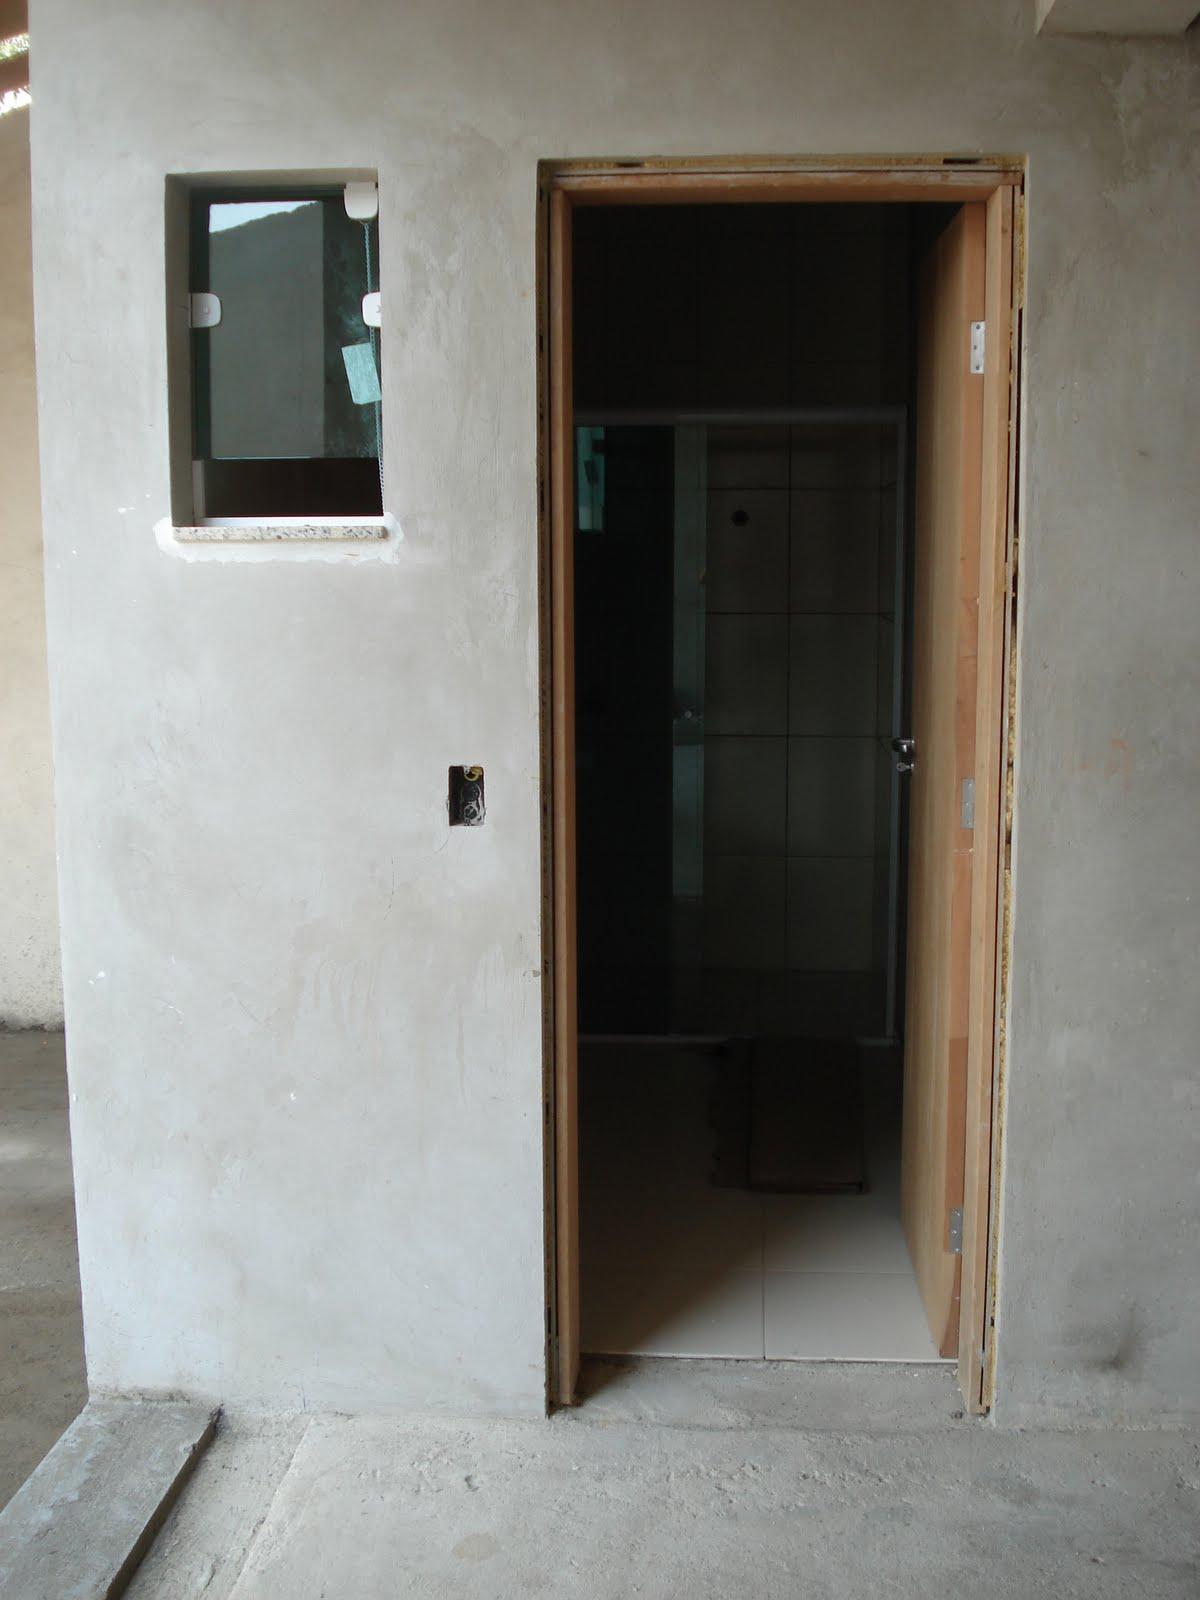 Nasce uma casa ***** O dia a dia de uma construção: Agosto 2010  #5F4B36 1200x1600 Banheiro Azulejo Pintado